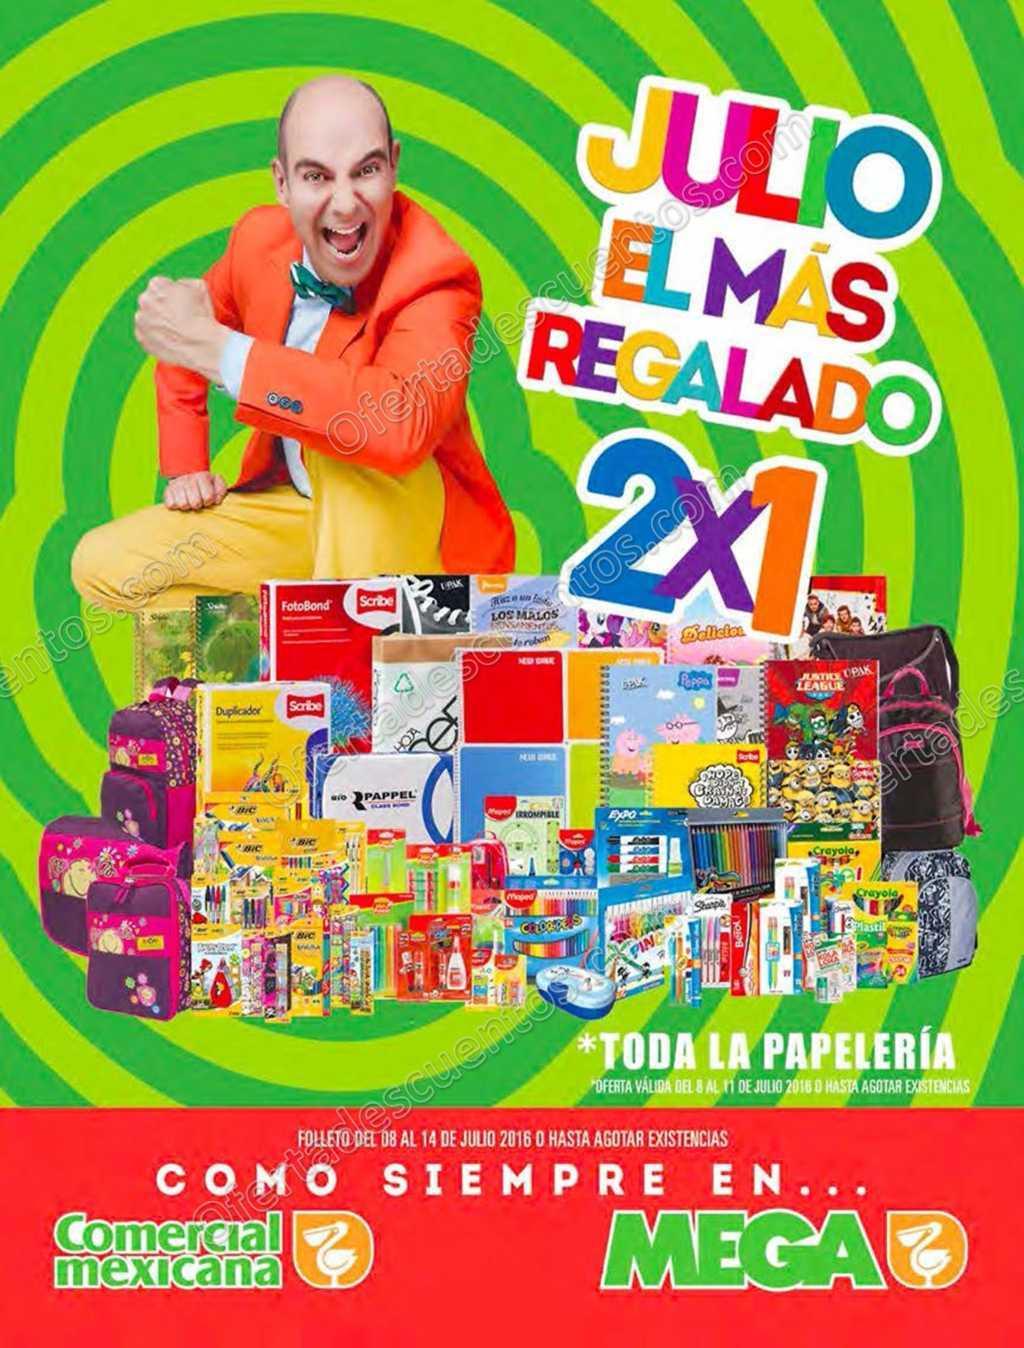 Julio Regalado 2016 Comercial Mexicana: Folleto de Ofertas del 8 al 14 de Julio